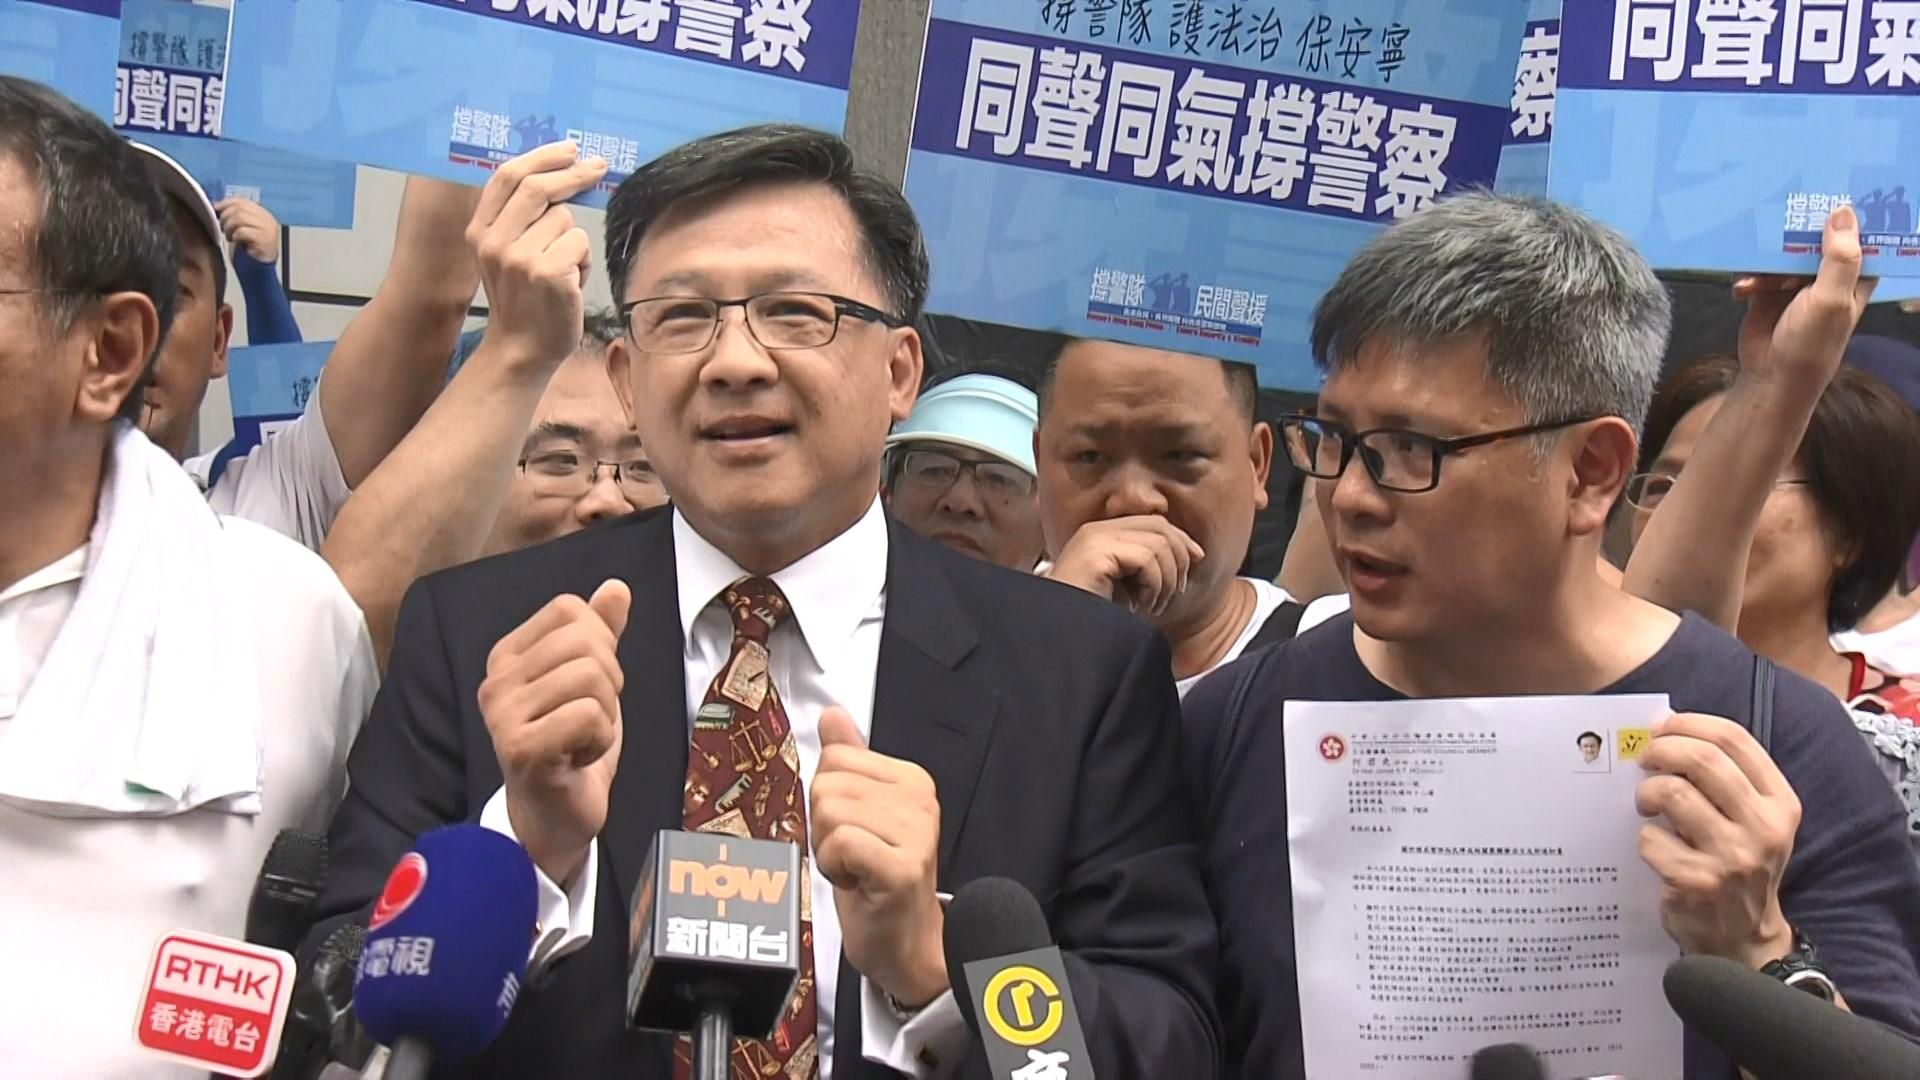 何君堯:停發不反對通知書不削弱集會自由